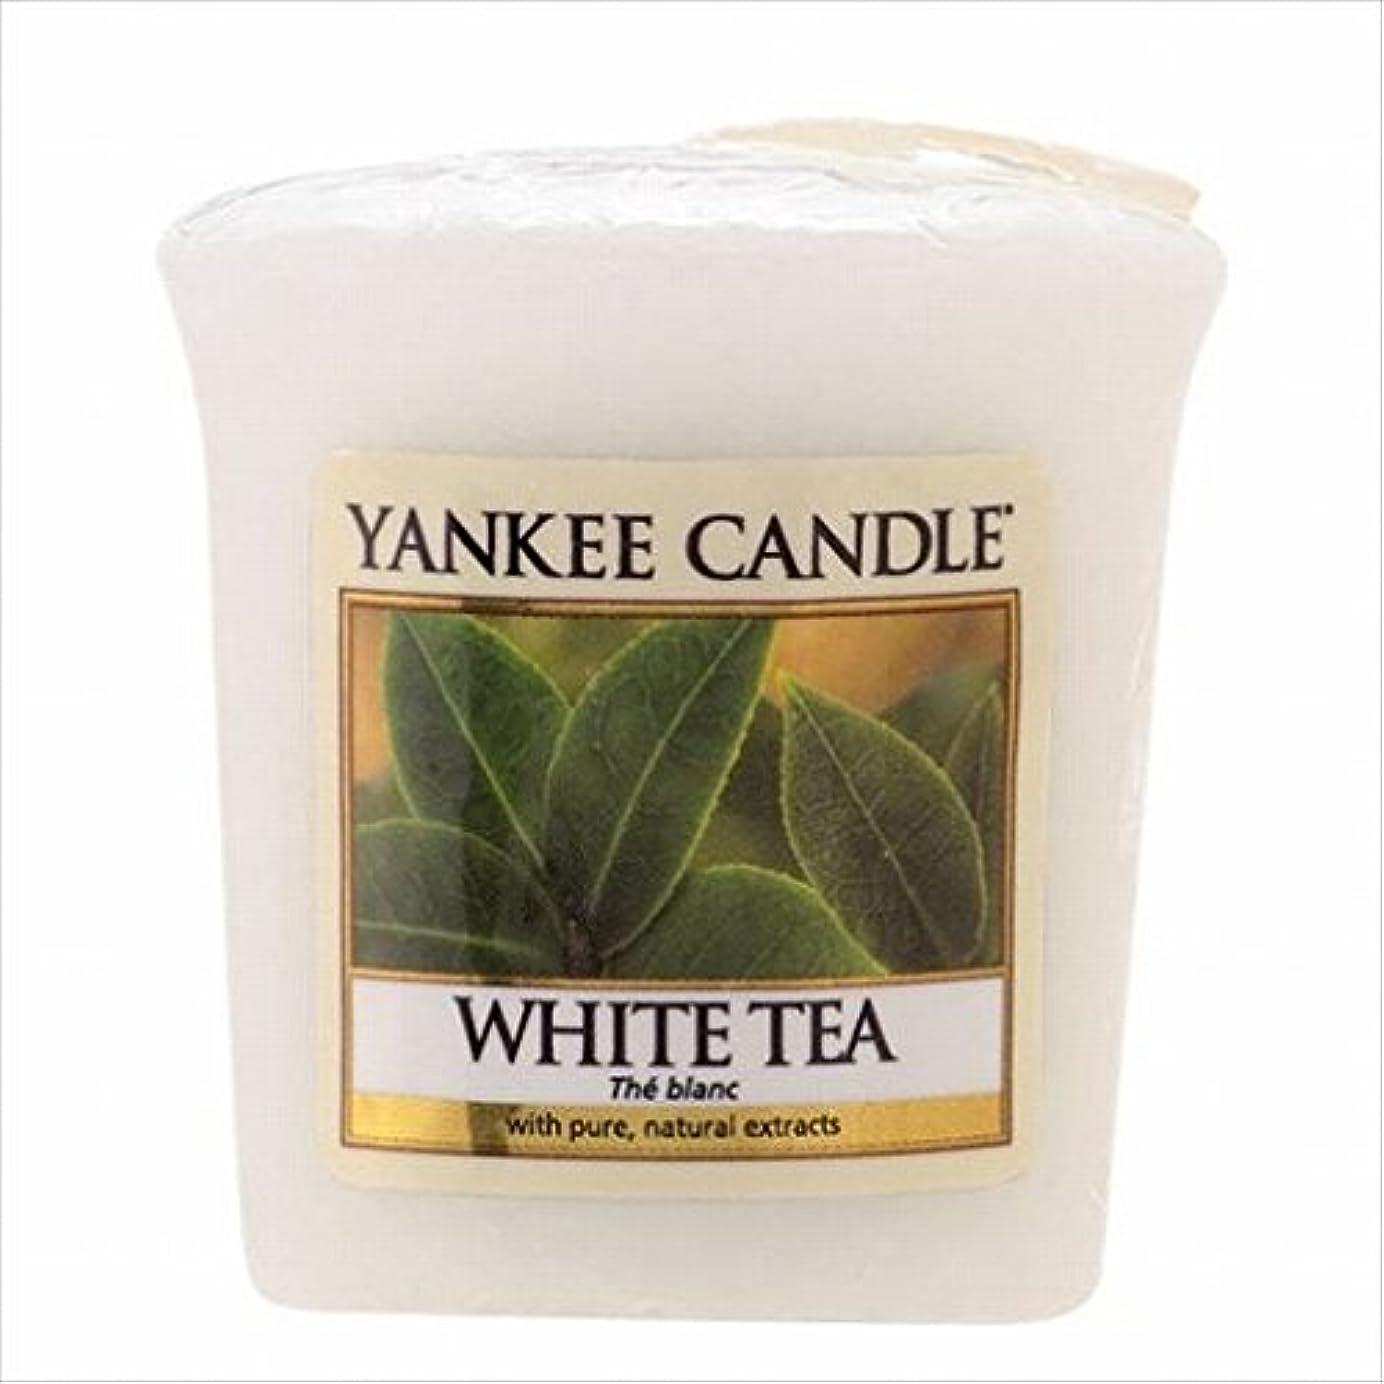 彫るかどうか恐怖症YANKEE CANDLE(ヤンキーキャンドル) YANKEE CANDLE サンプラー 「 ホワイトティー 」6個セット(K00105277)